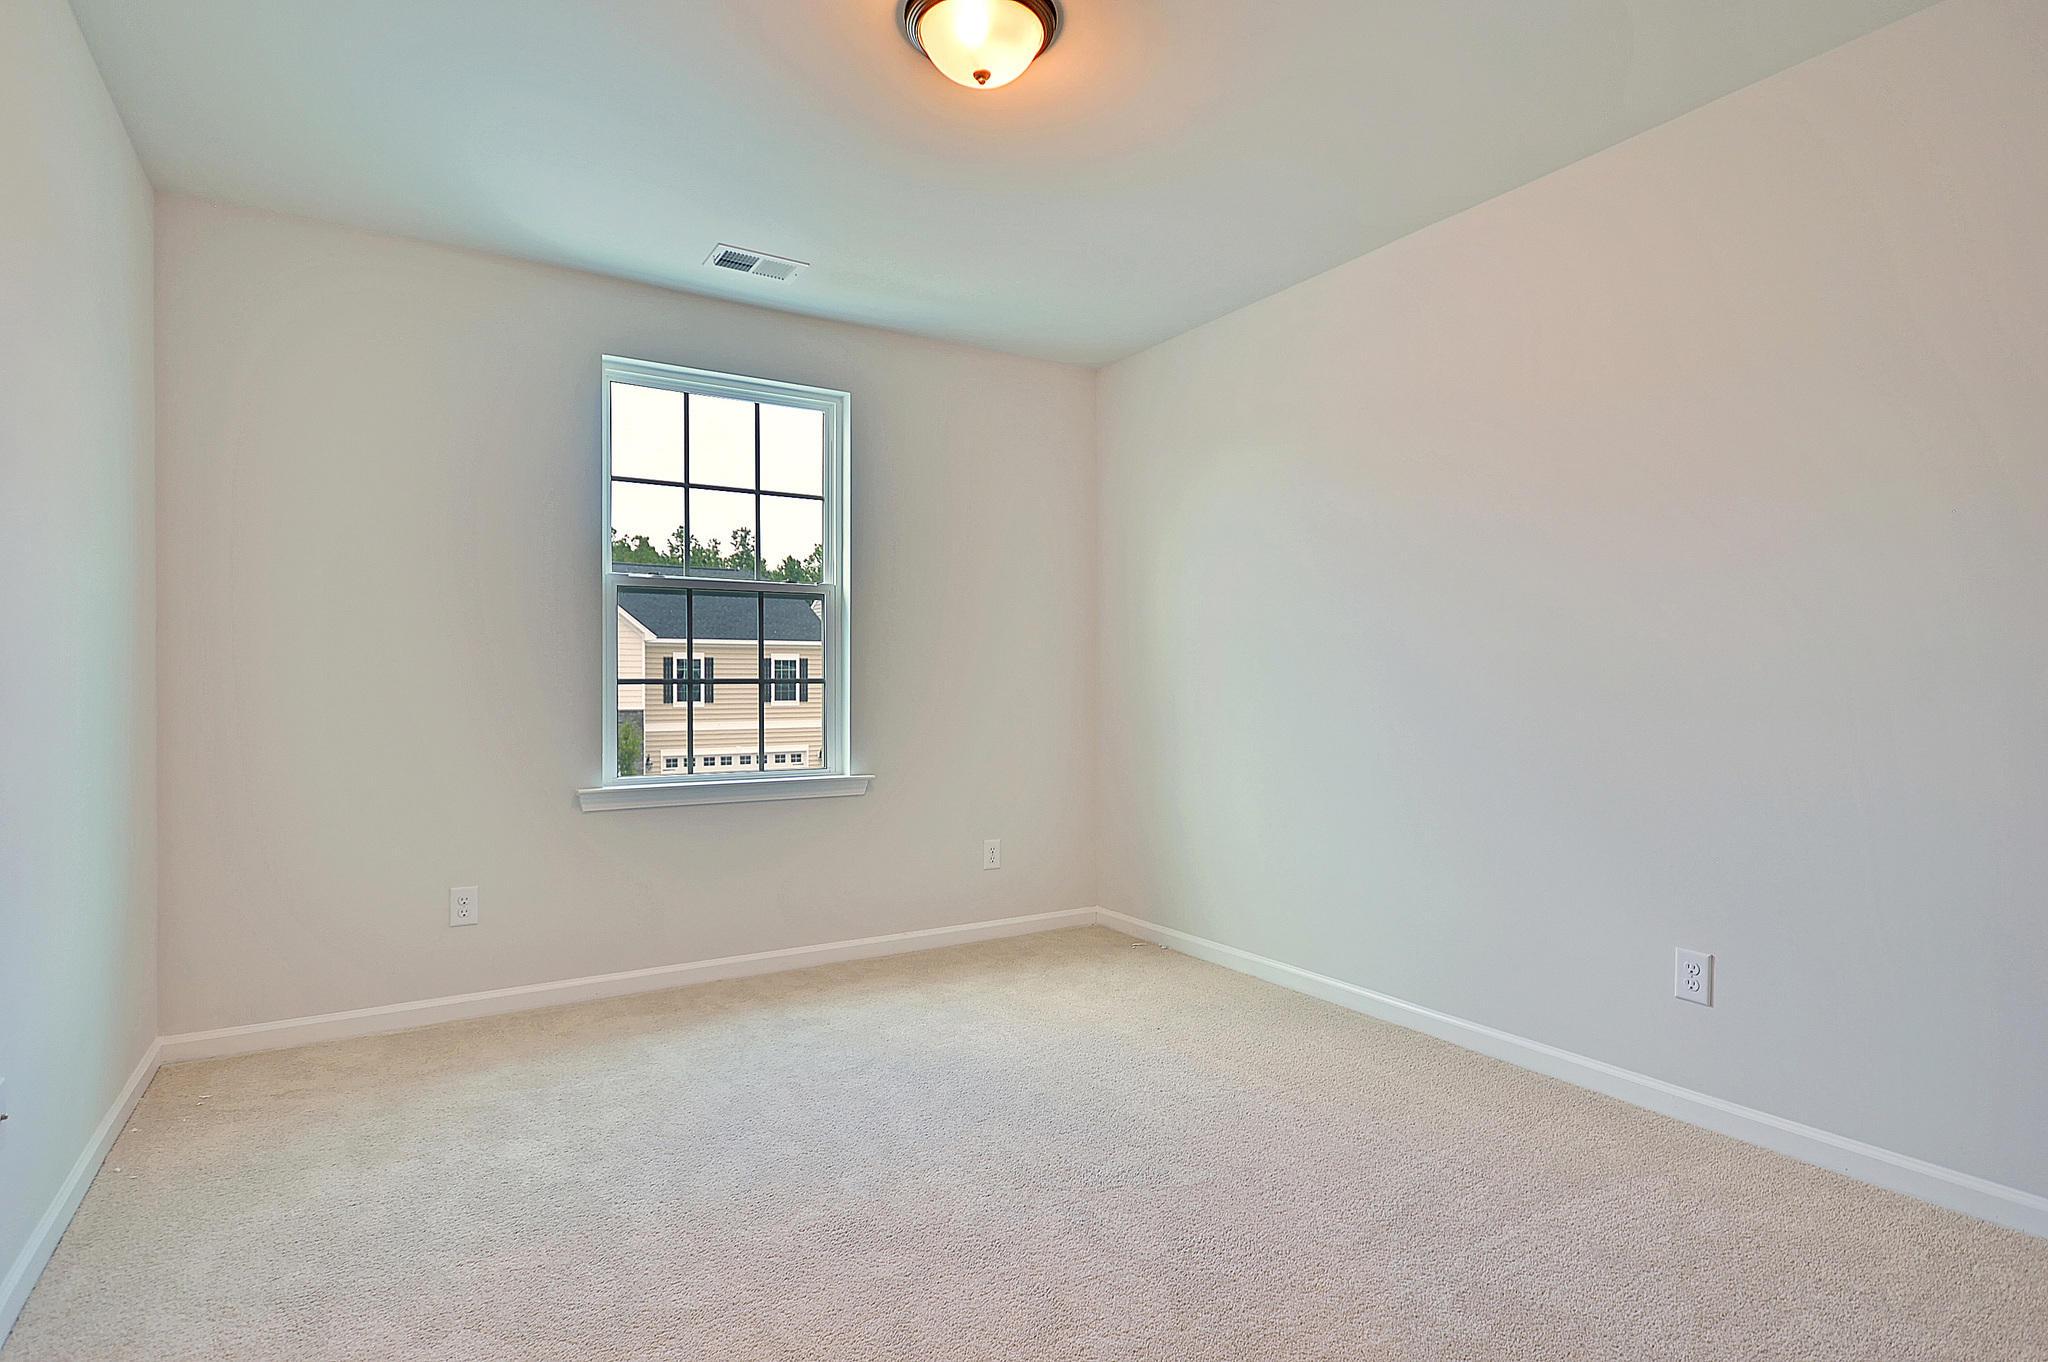 Park West Homes For Sale - 3049 Caspian, Mount Pleasant, SC - 16